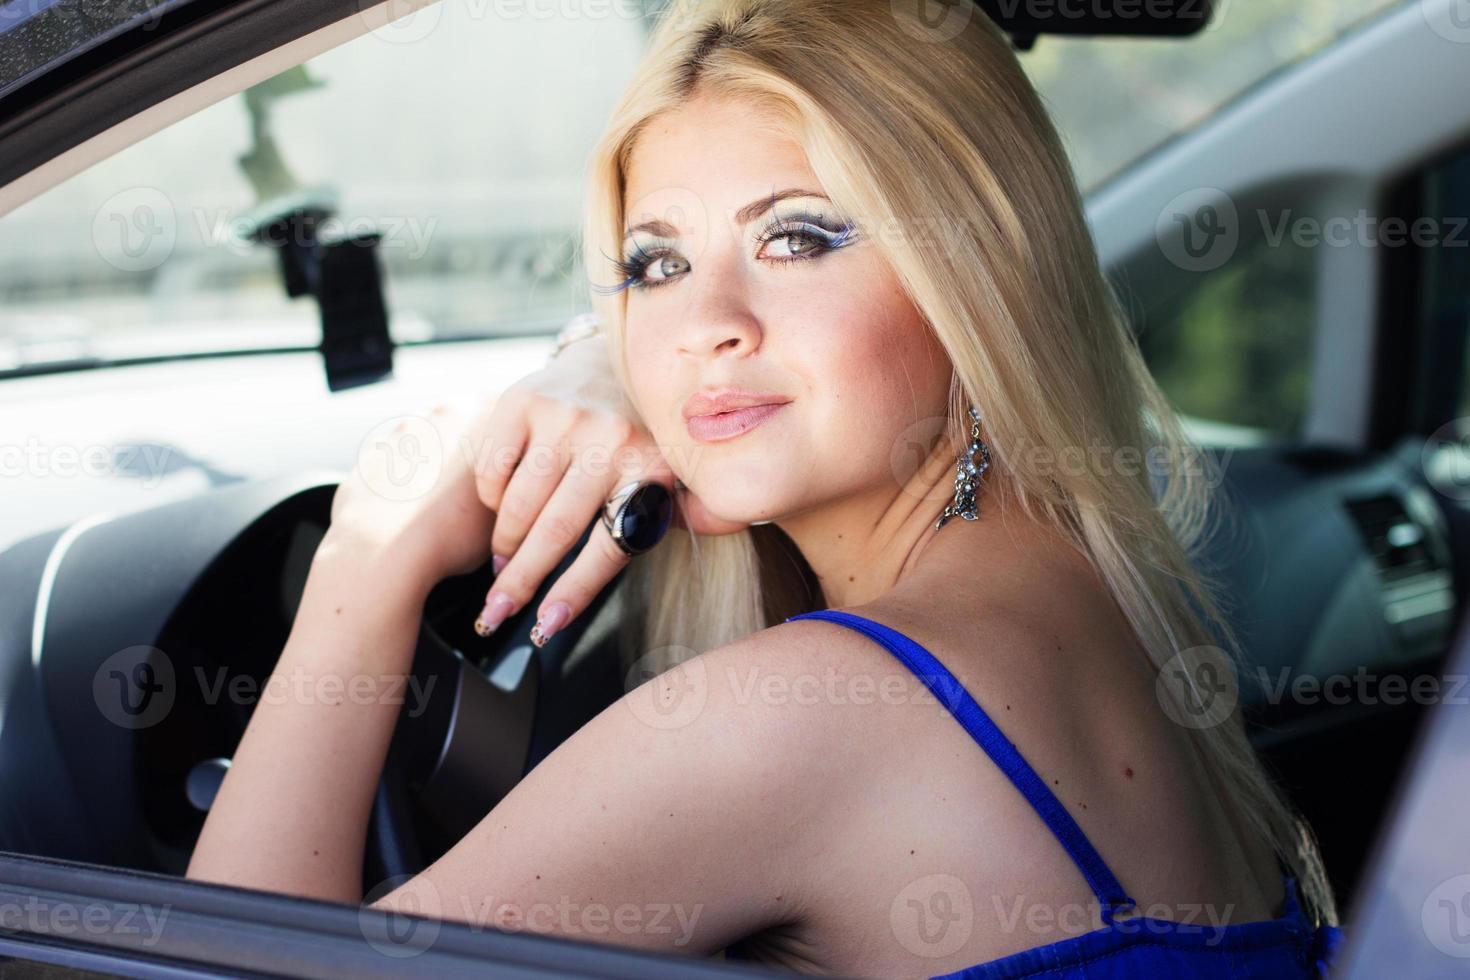 jolie fille dans une voiture photo